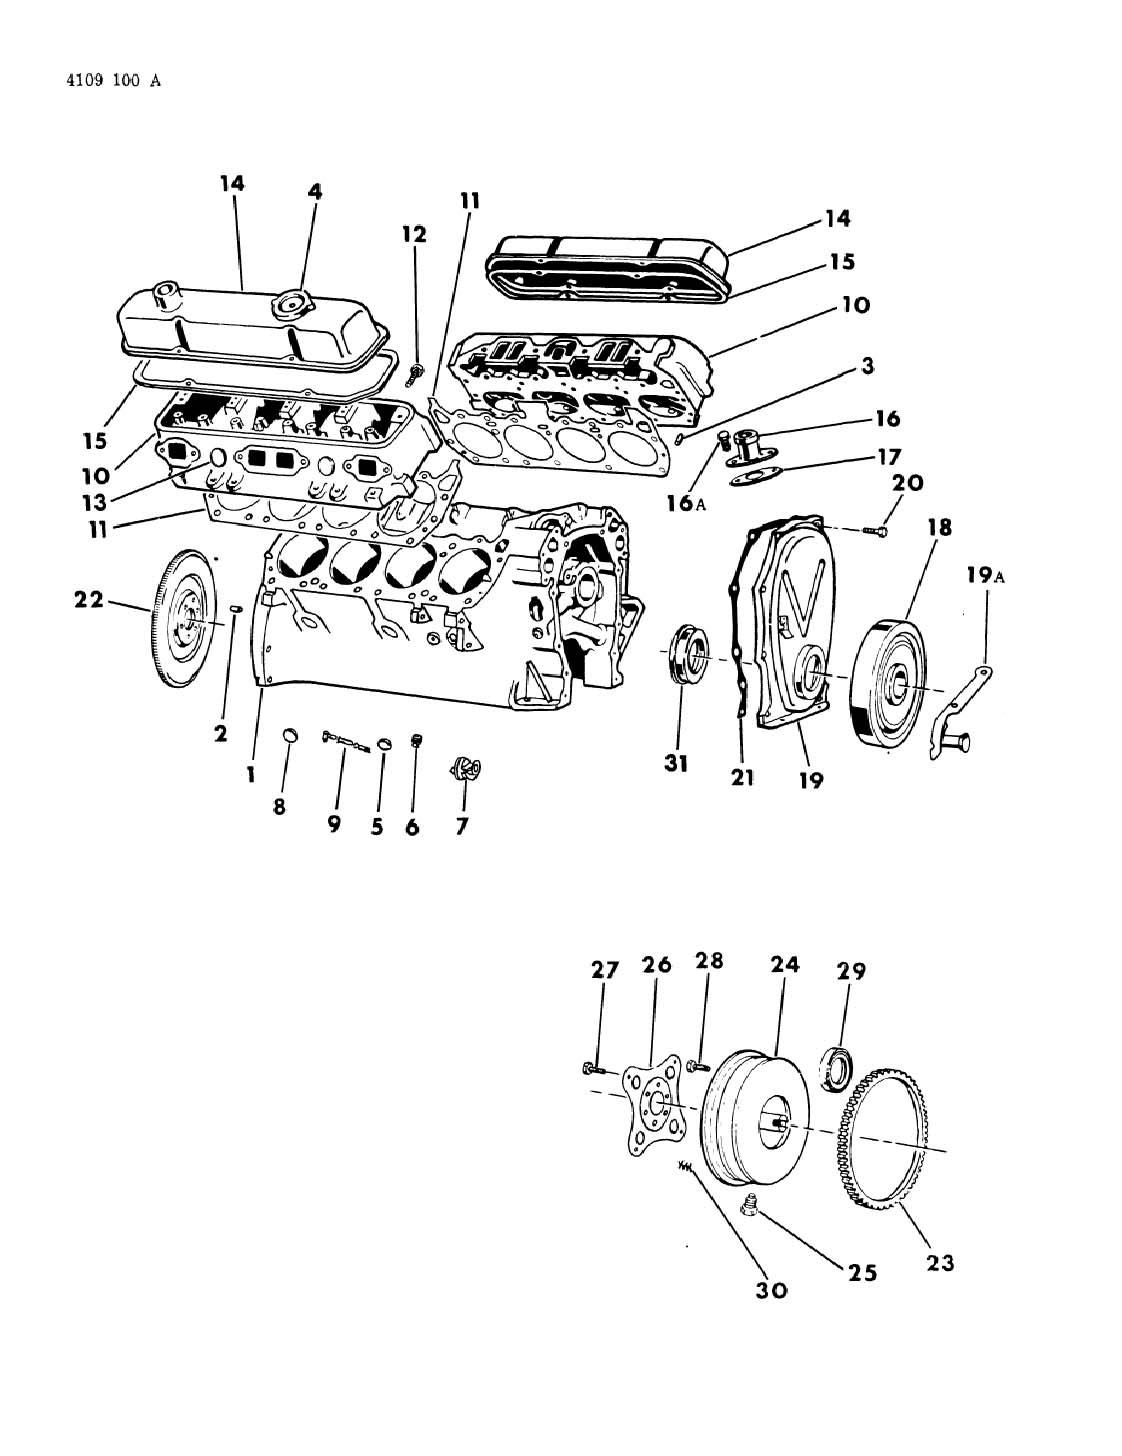 1990 Dodge Dakota Cover, chain case, cover, chain case